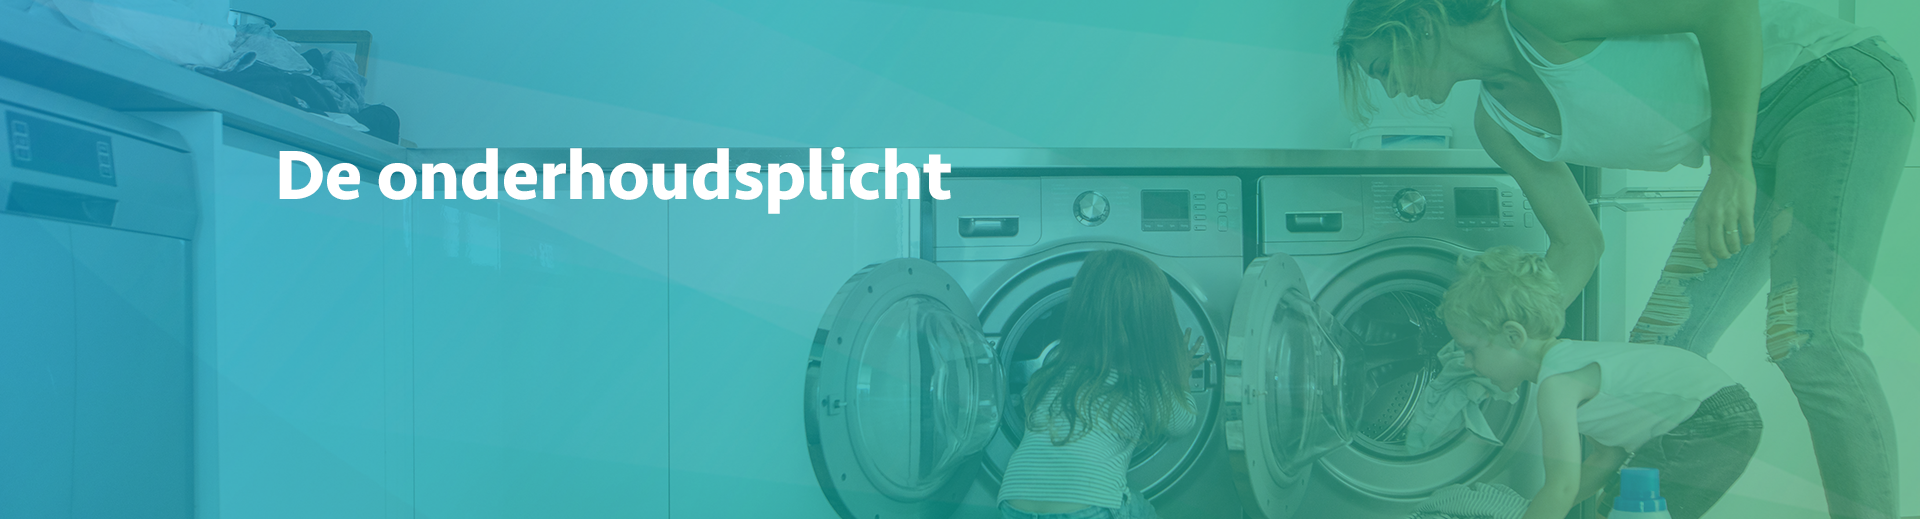 De onderhoudsplicht - Scheidingsplanner Hoofddorp - Badhoevedorp - Nieuw-Vennep